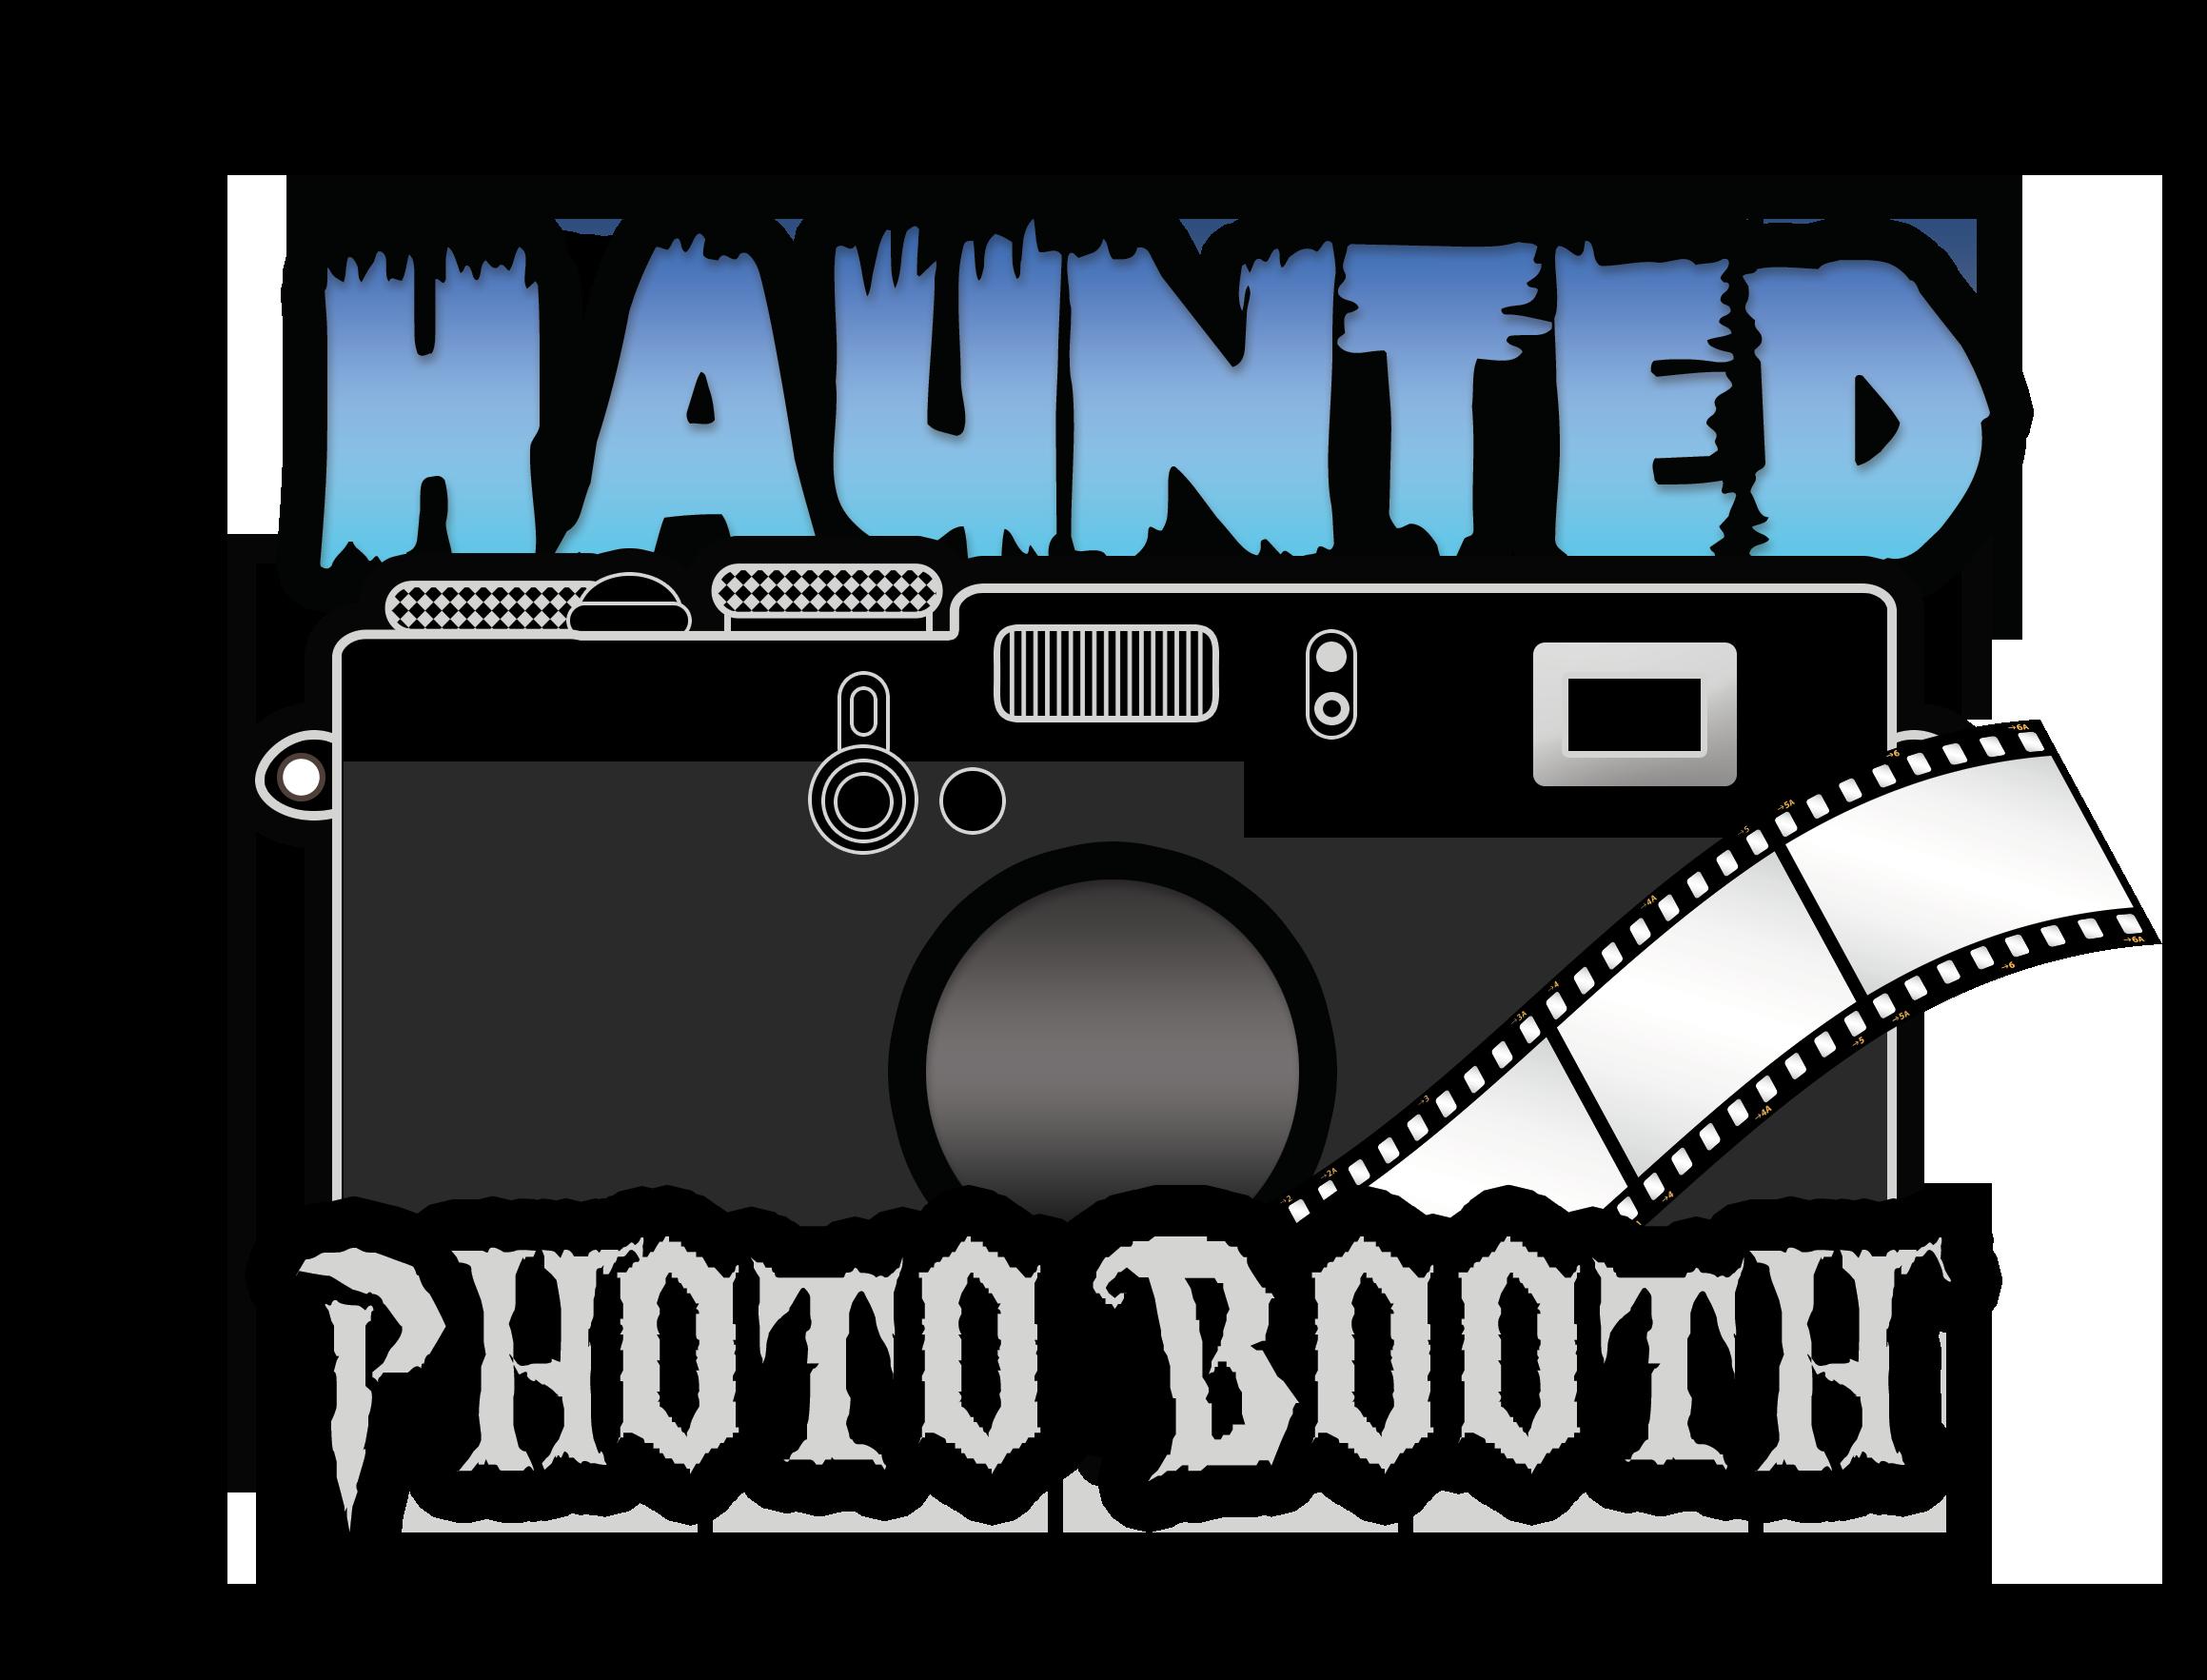 hauntedphotobooth_01.png